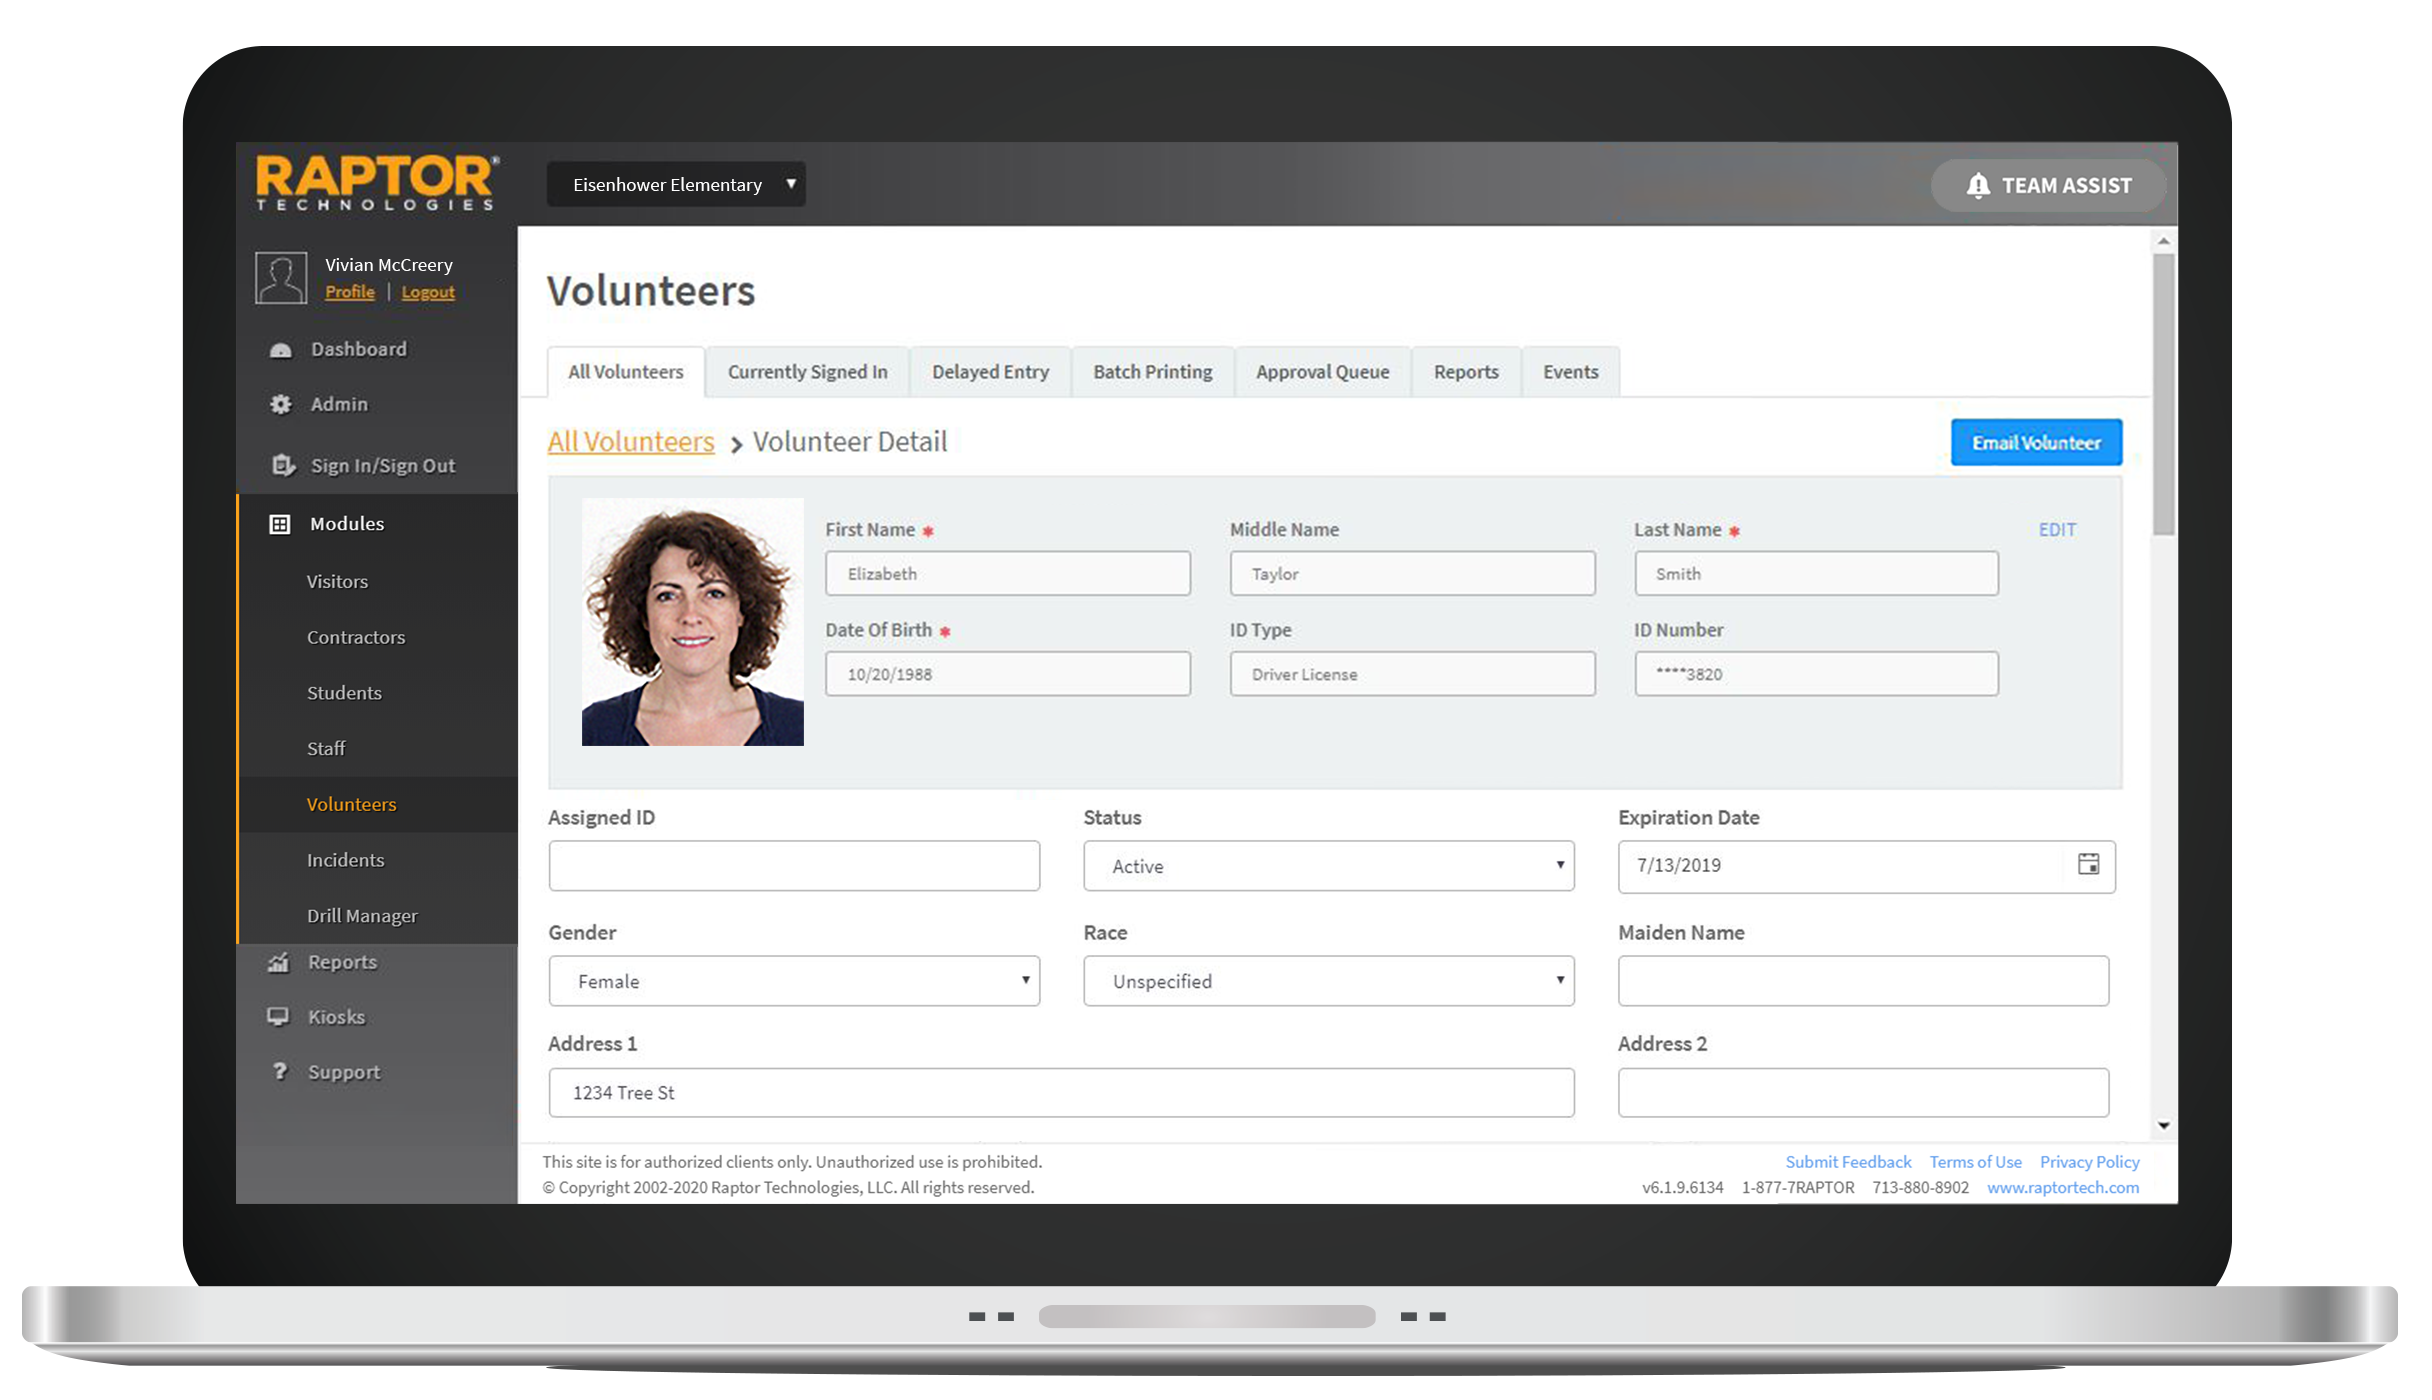 Raptor Volunteer Management Software - User-friendly volunteer management software that includes an integrated online volunteer application, full criminal background checks, volunteer hour tracking, event management, and robust reporting.